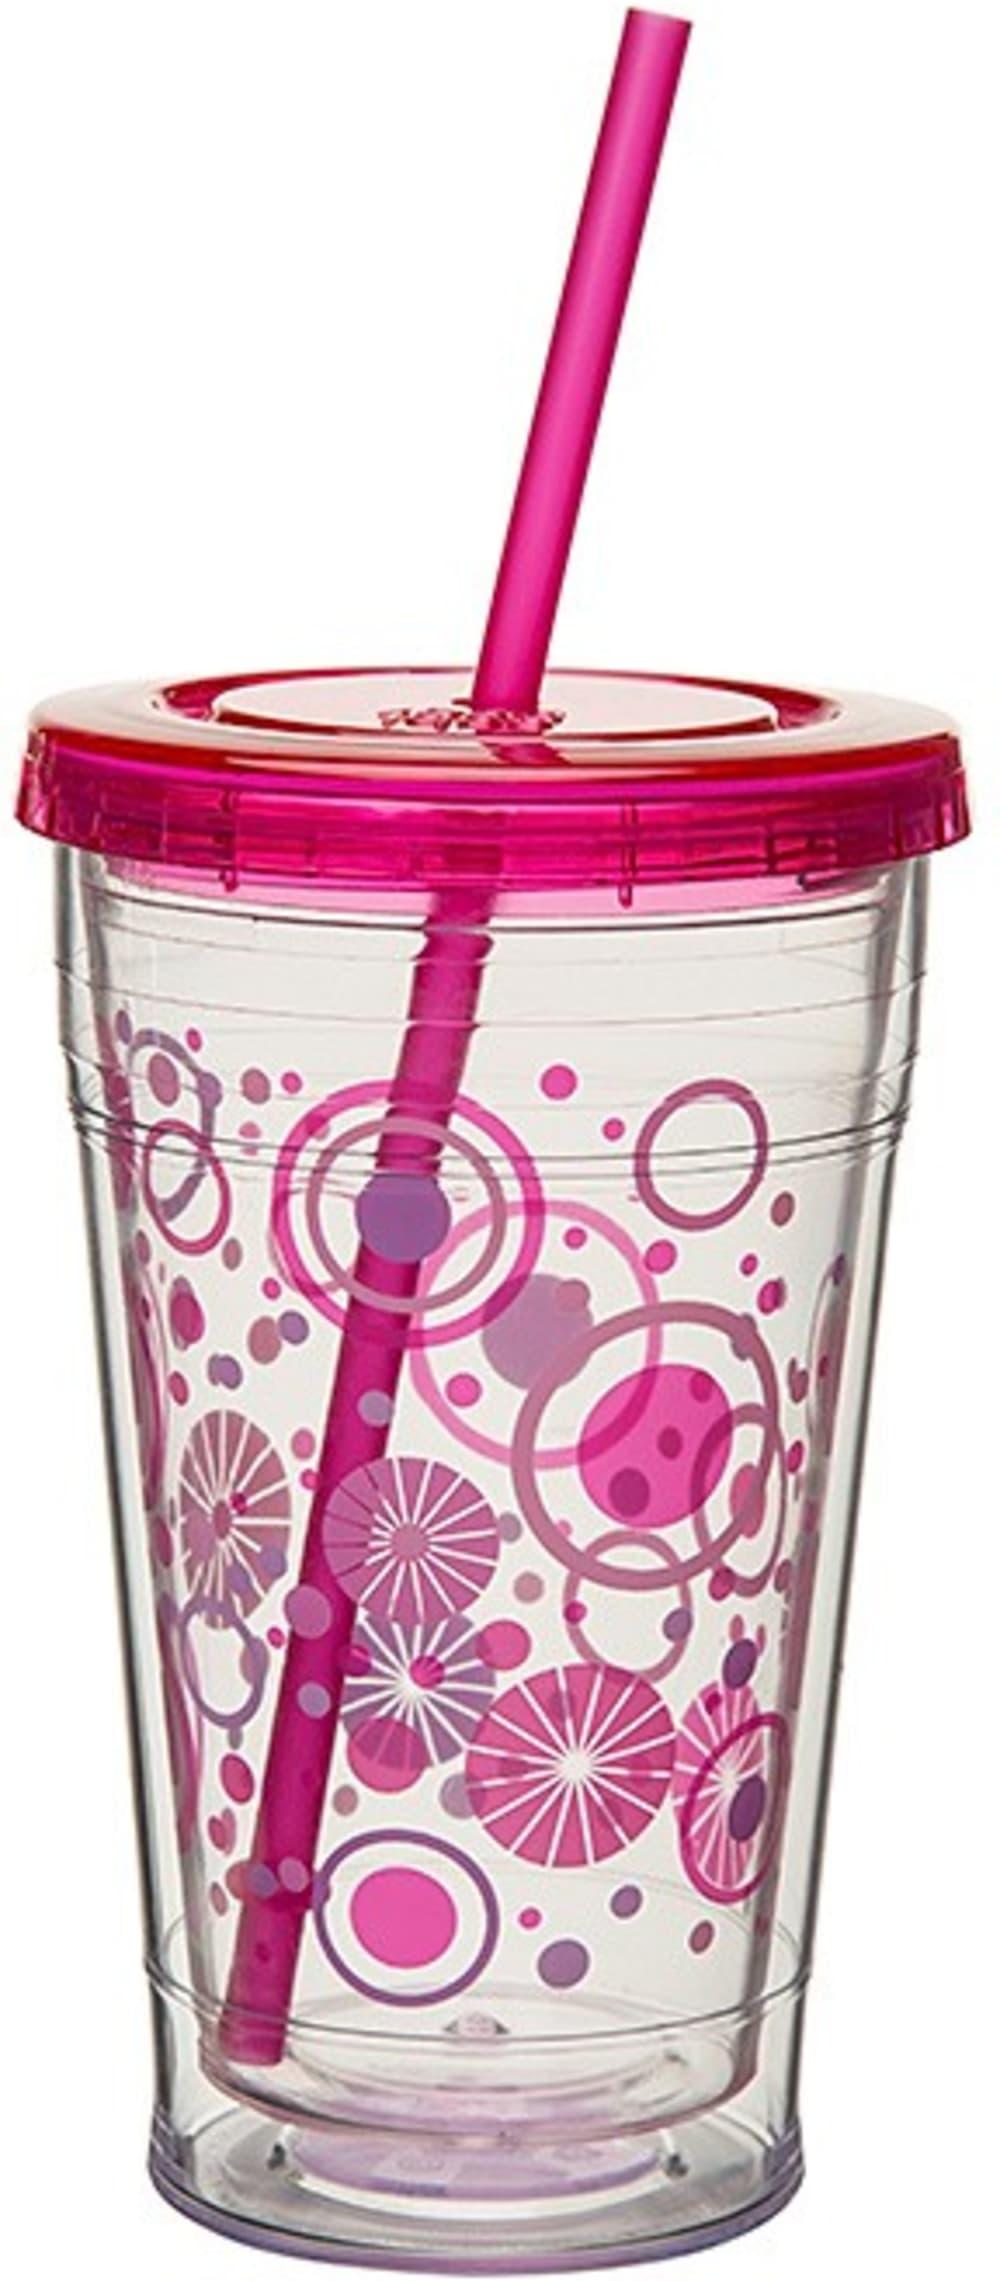 CG-Chiller przeźroczysty z motywem + słomka,różowy